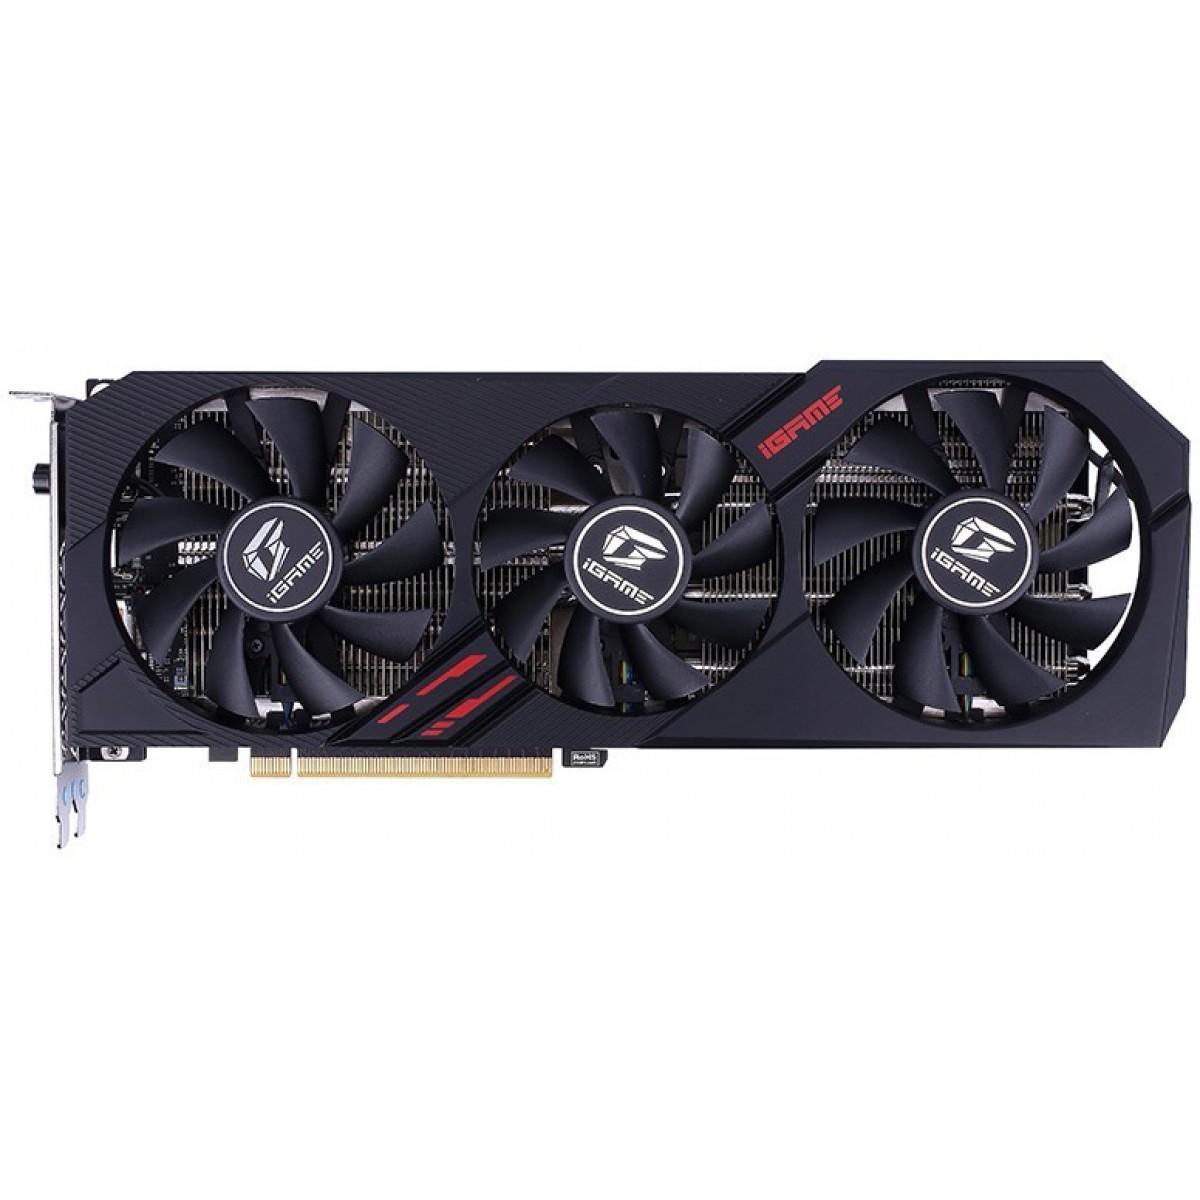 Placa de Vídeo Colorful iGame GeForce RTX 2060 Super Ultra-V, 8GB GDDR6, 256Bit